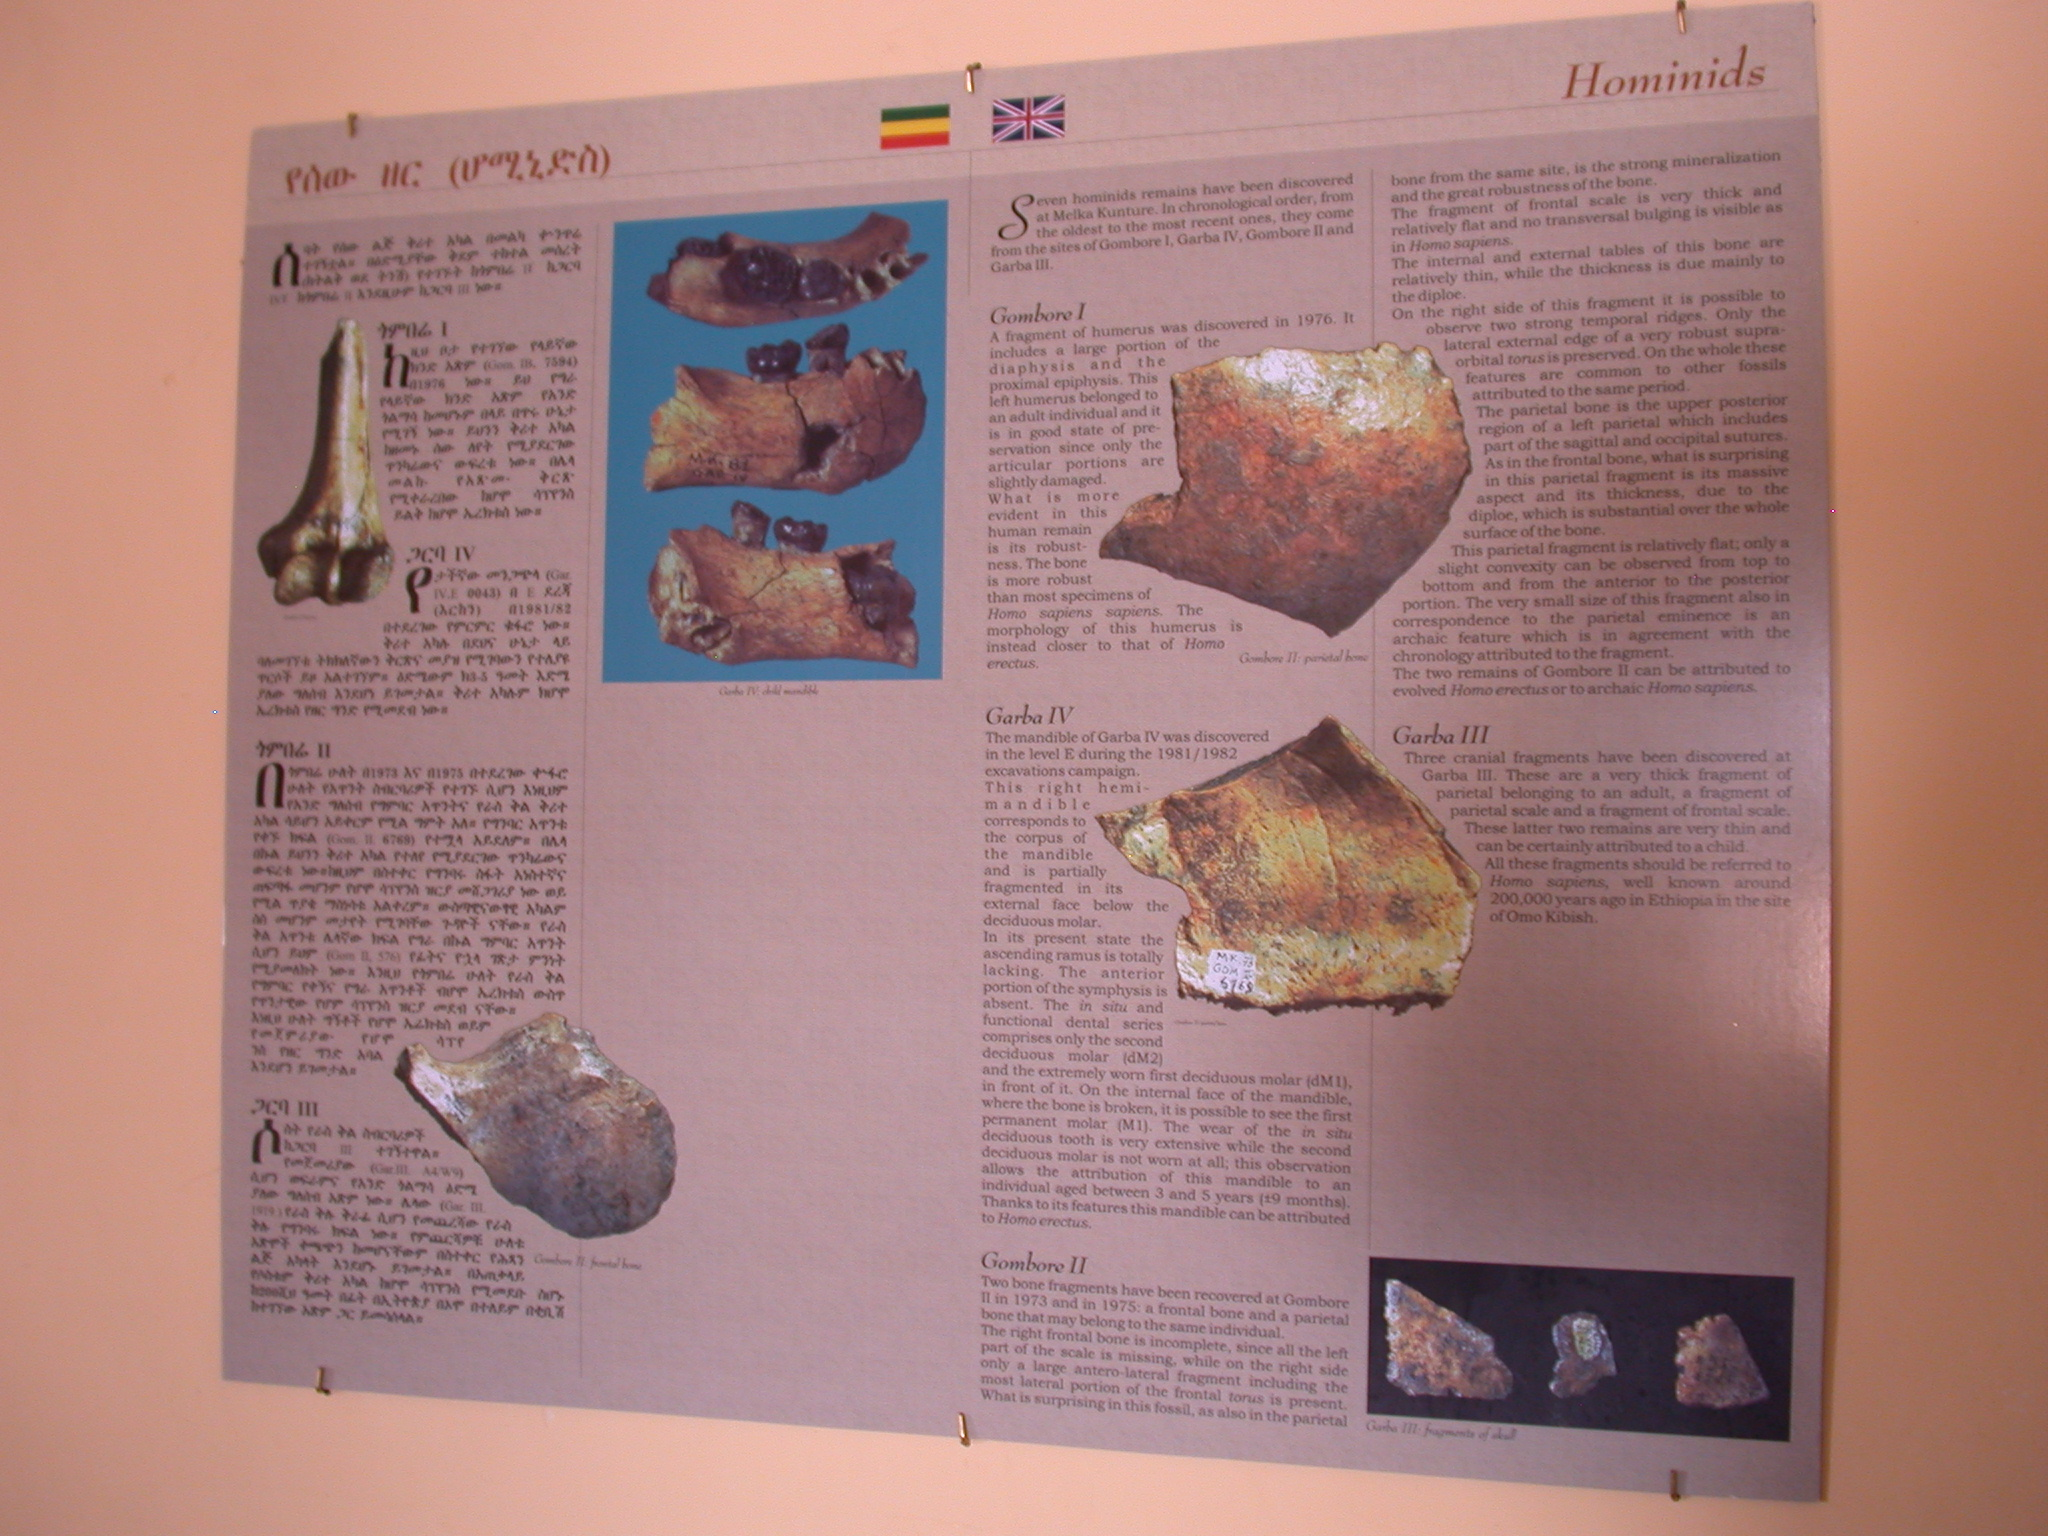 Hominids Poster, Melka Kunture, Ethiopia